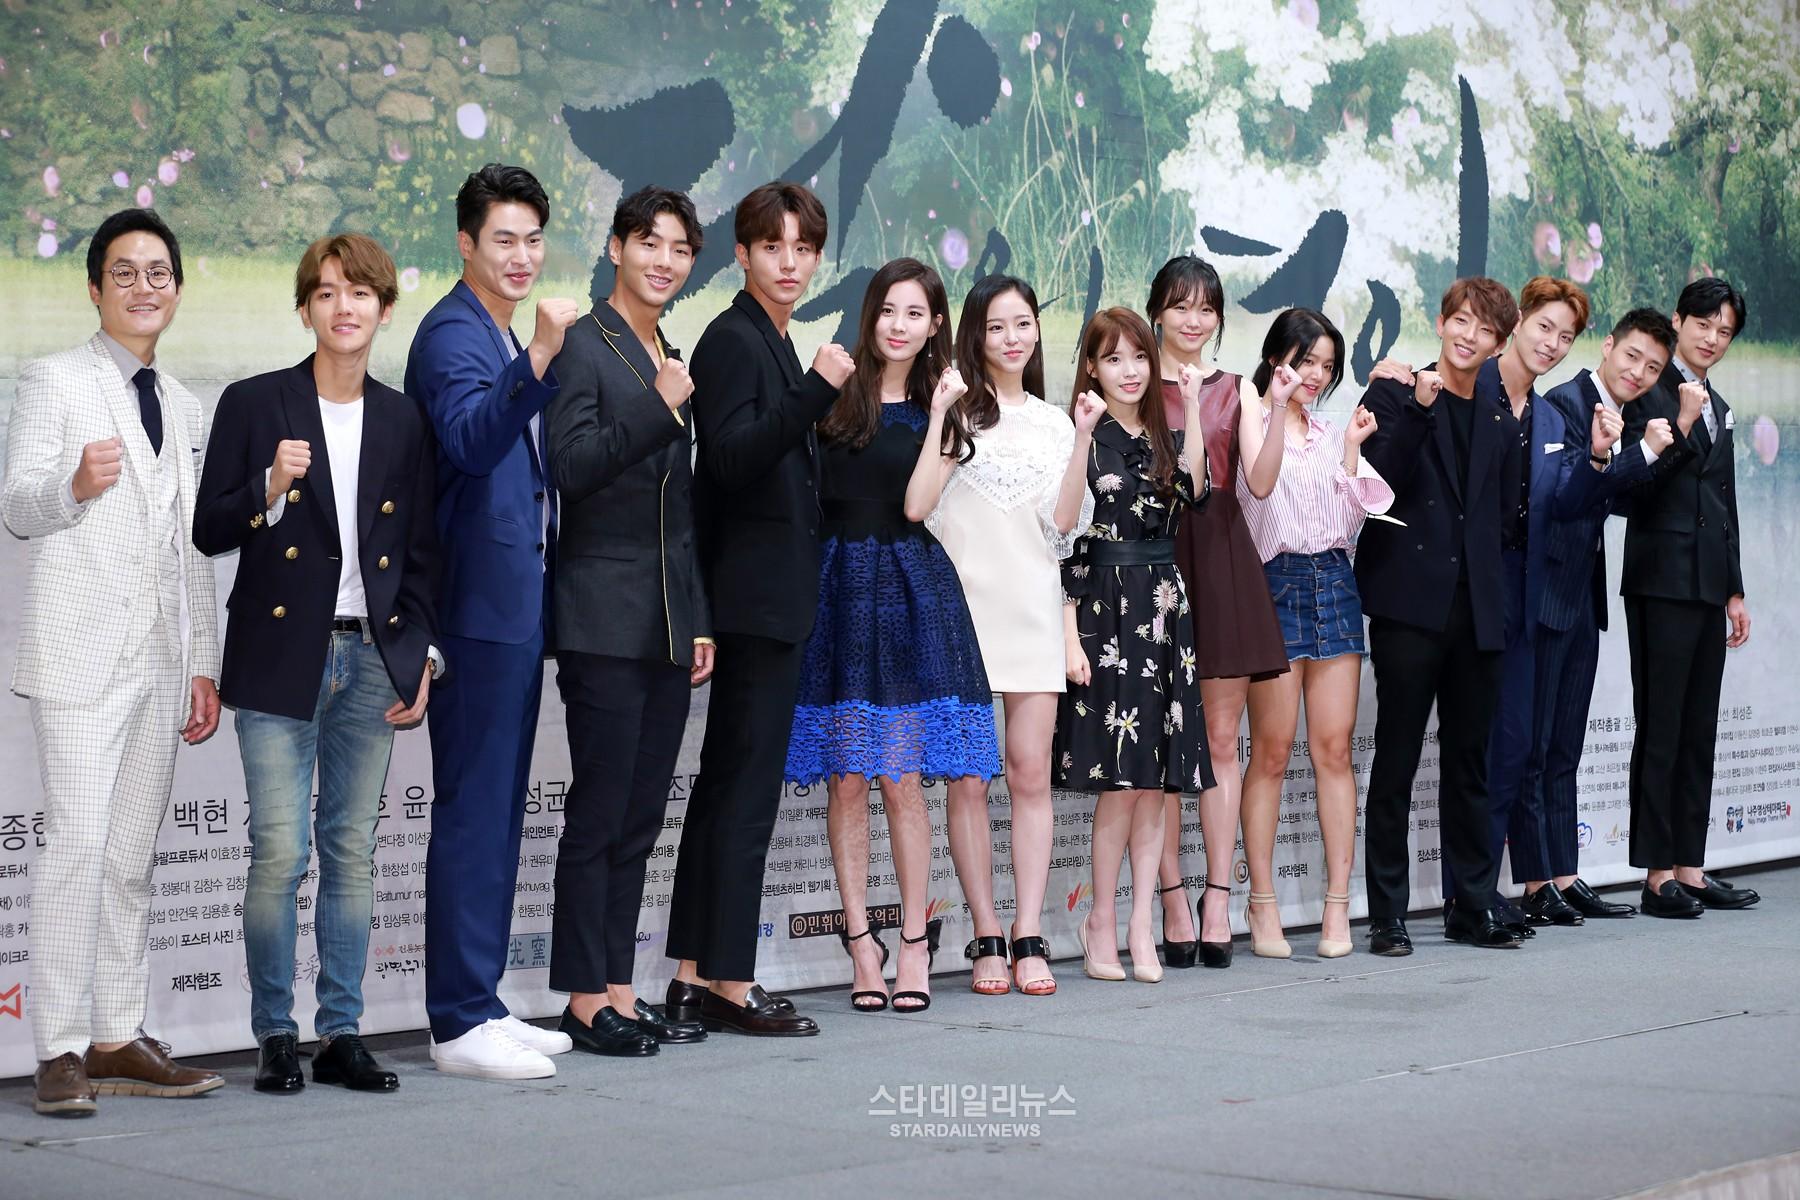 Scarlet Heart Goryeo cast